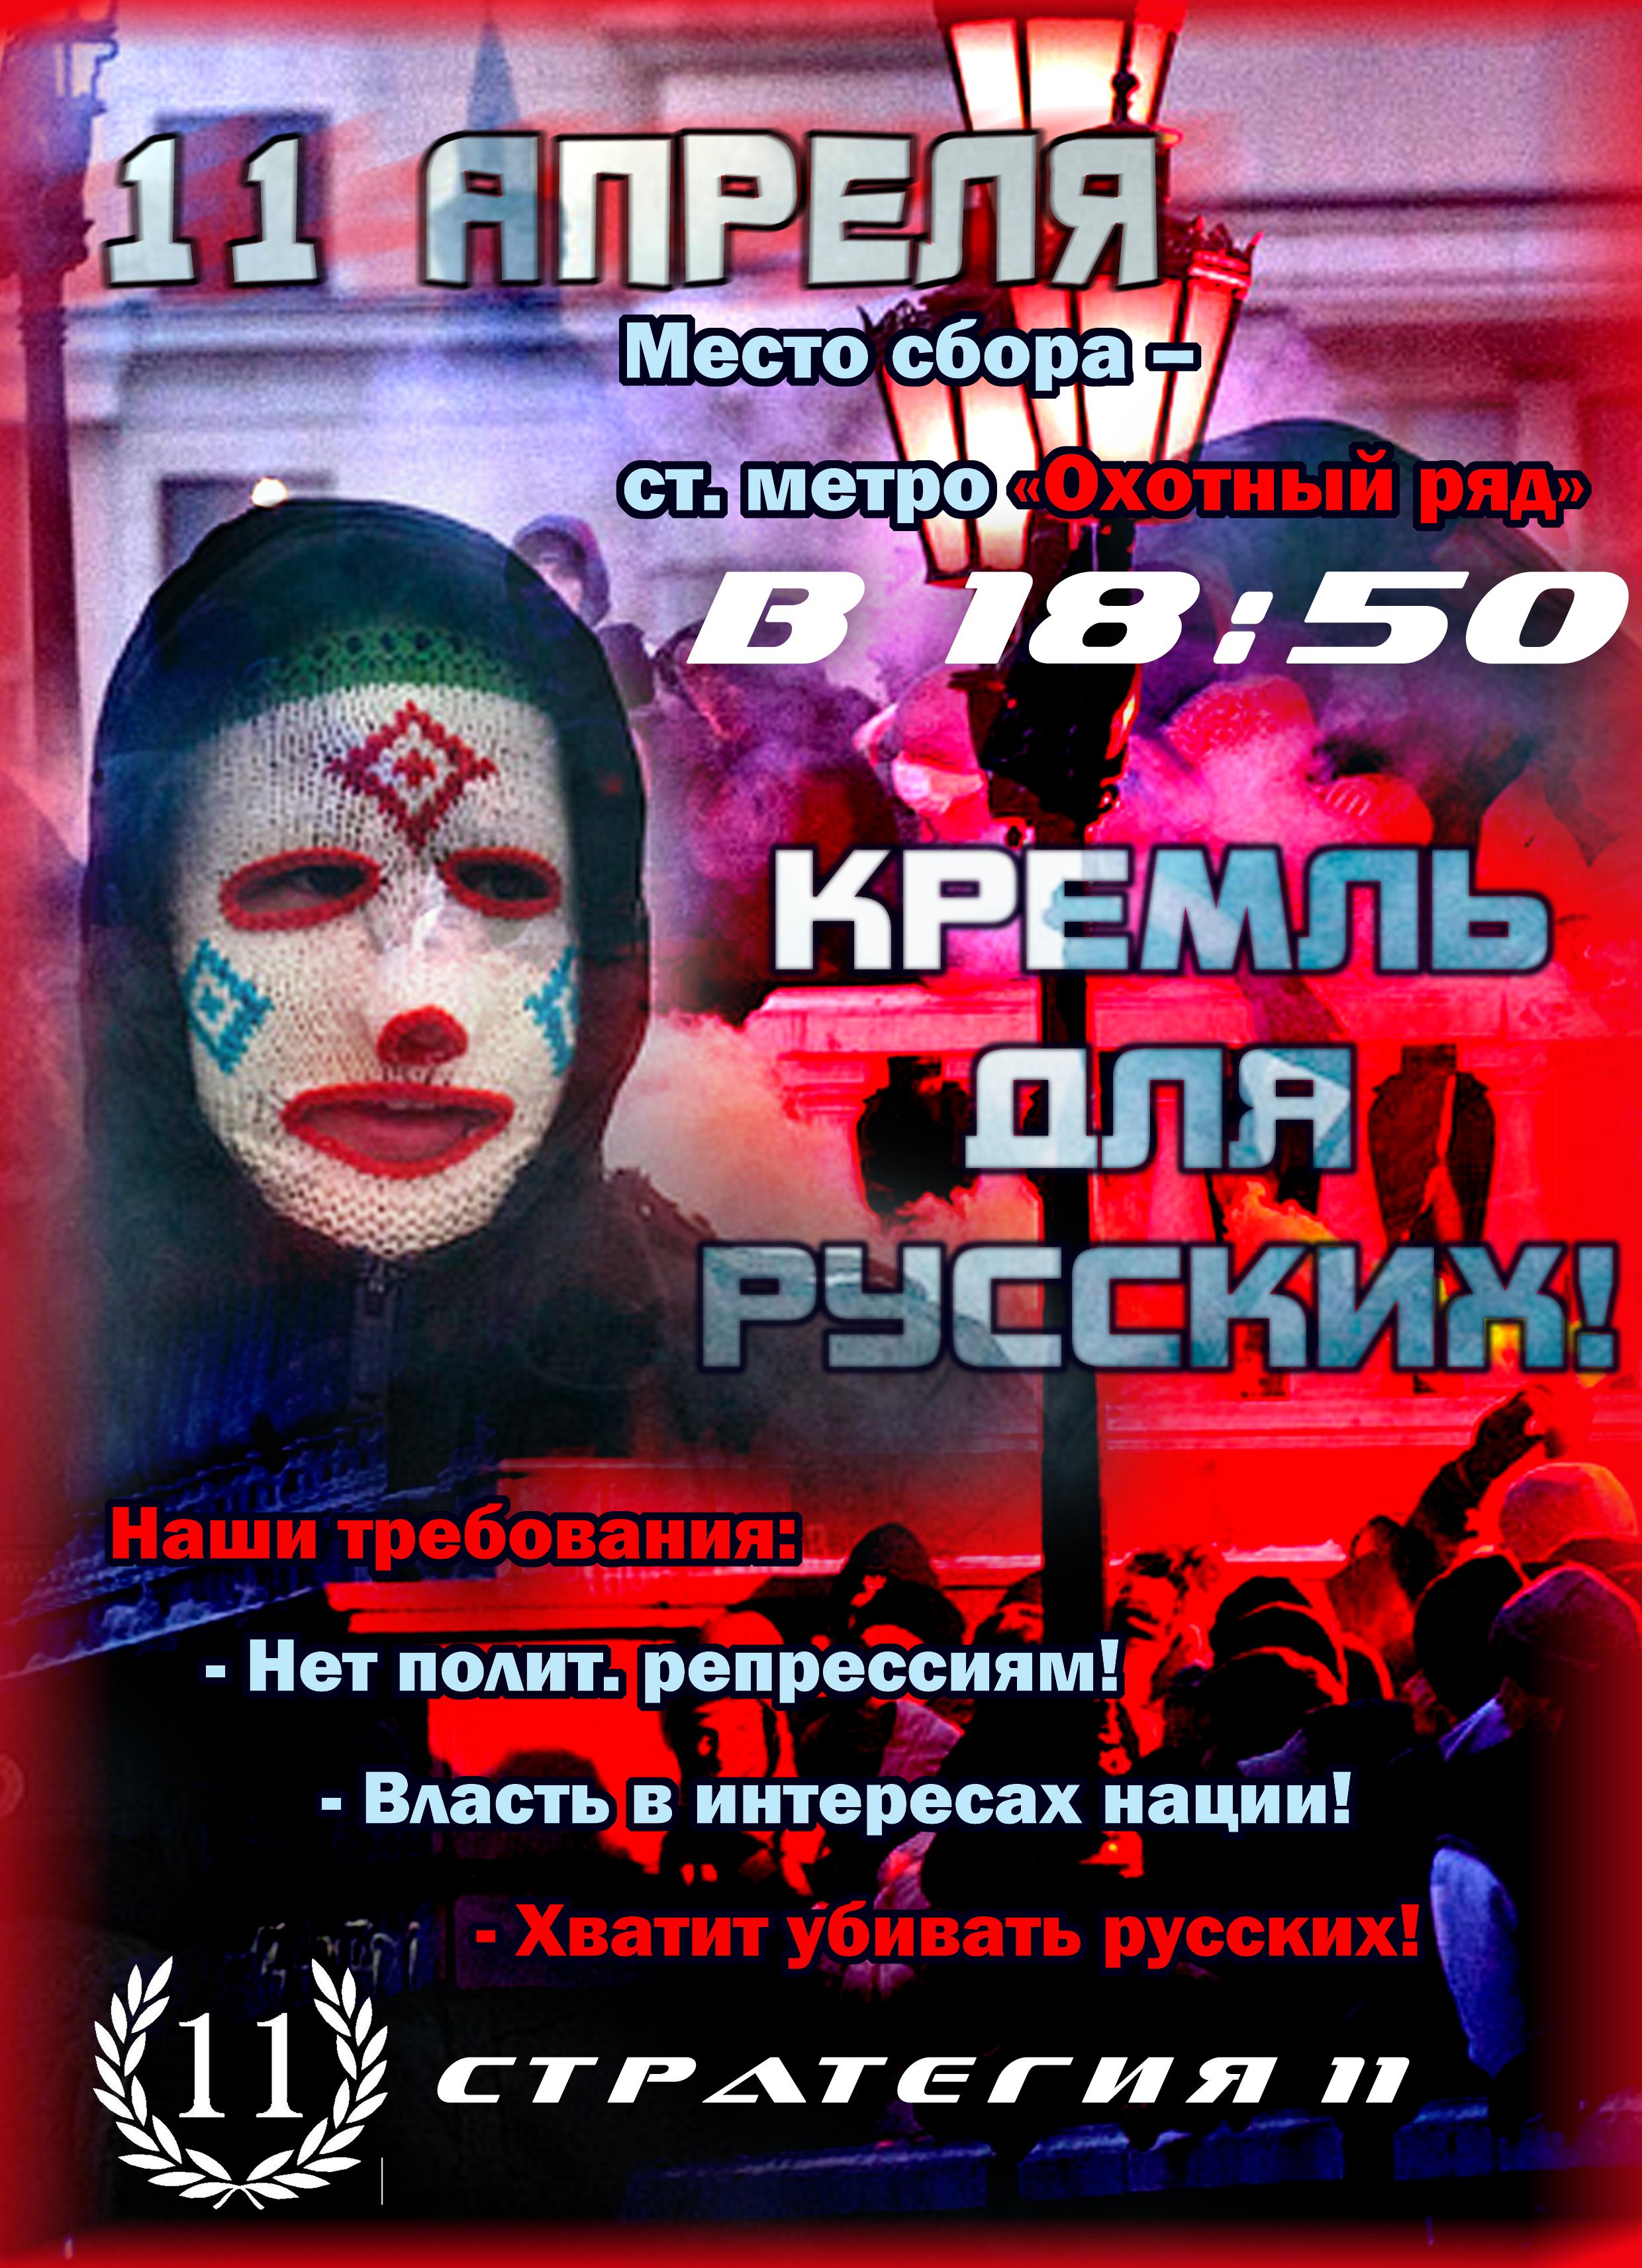 http://pics.livejournal.com/sofia_vb_888/pic/0030xk0b